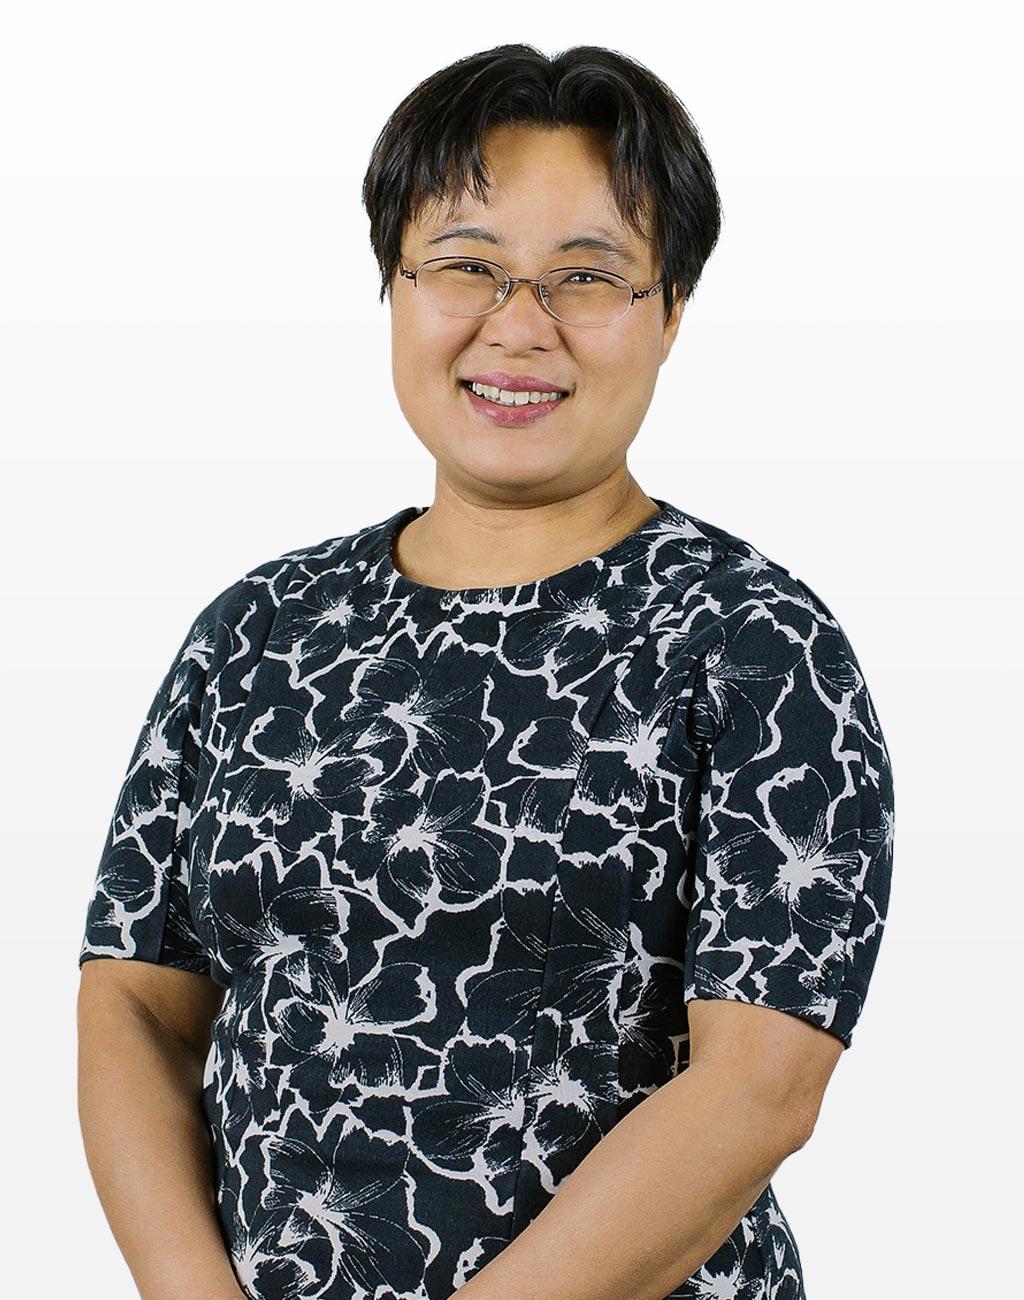 Ikumi Inoue